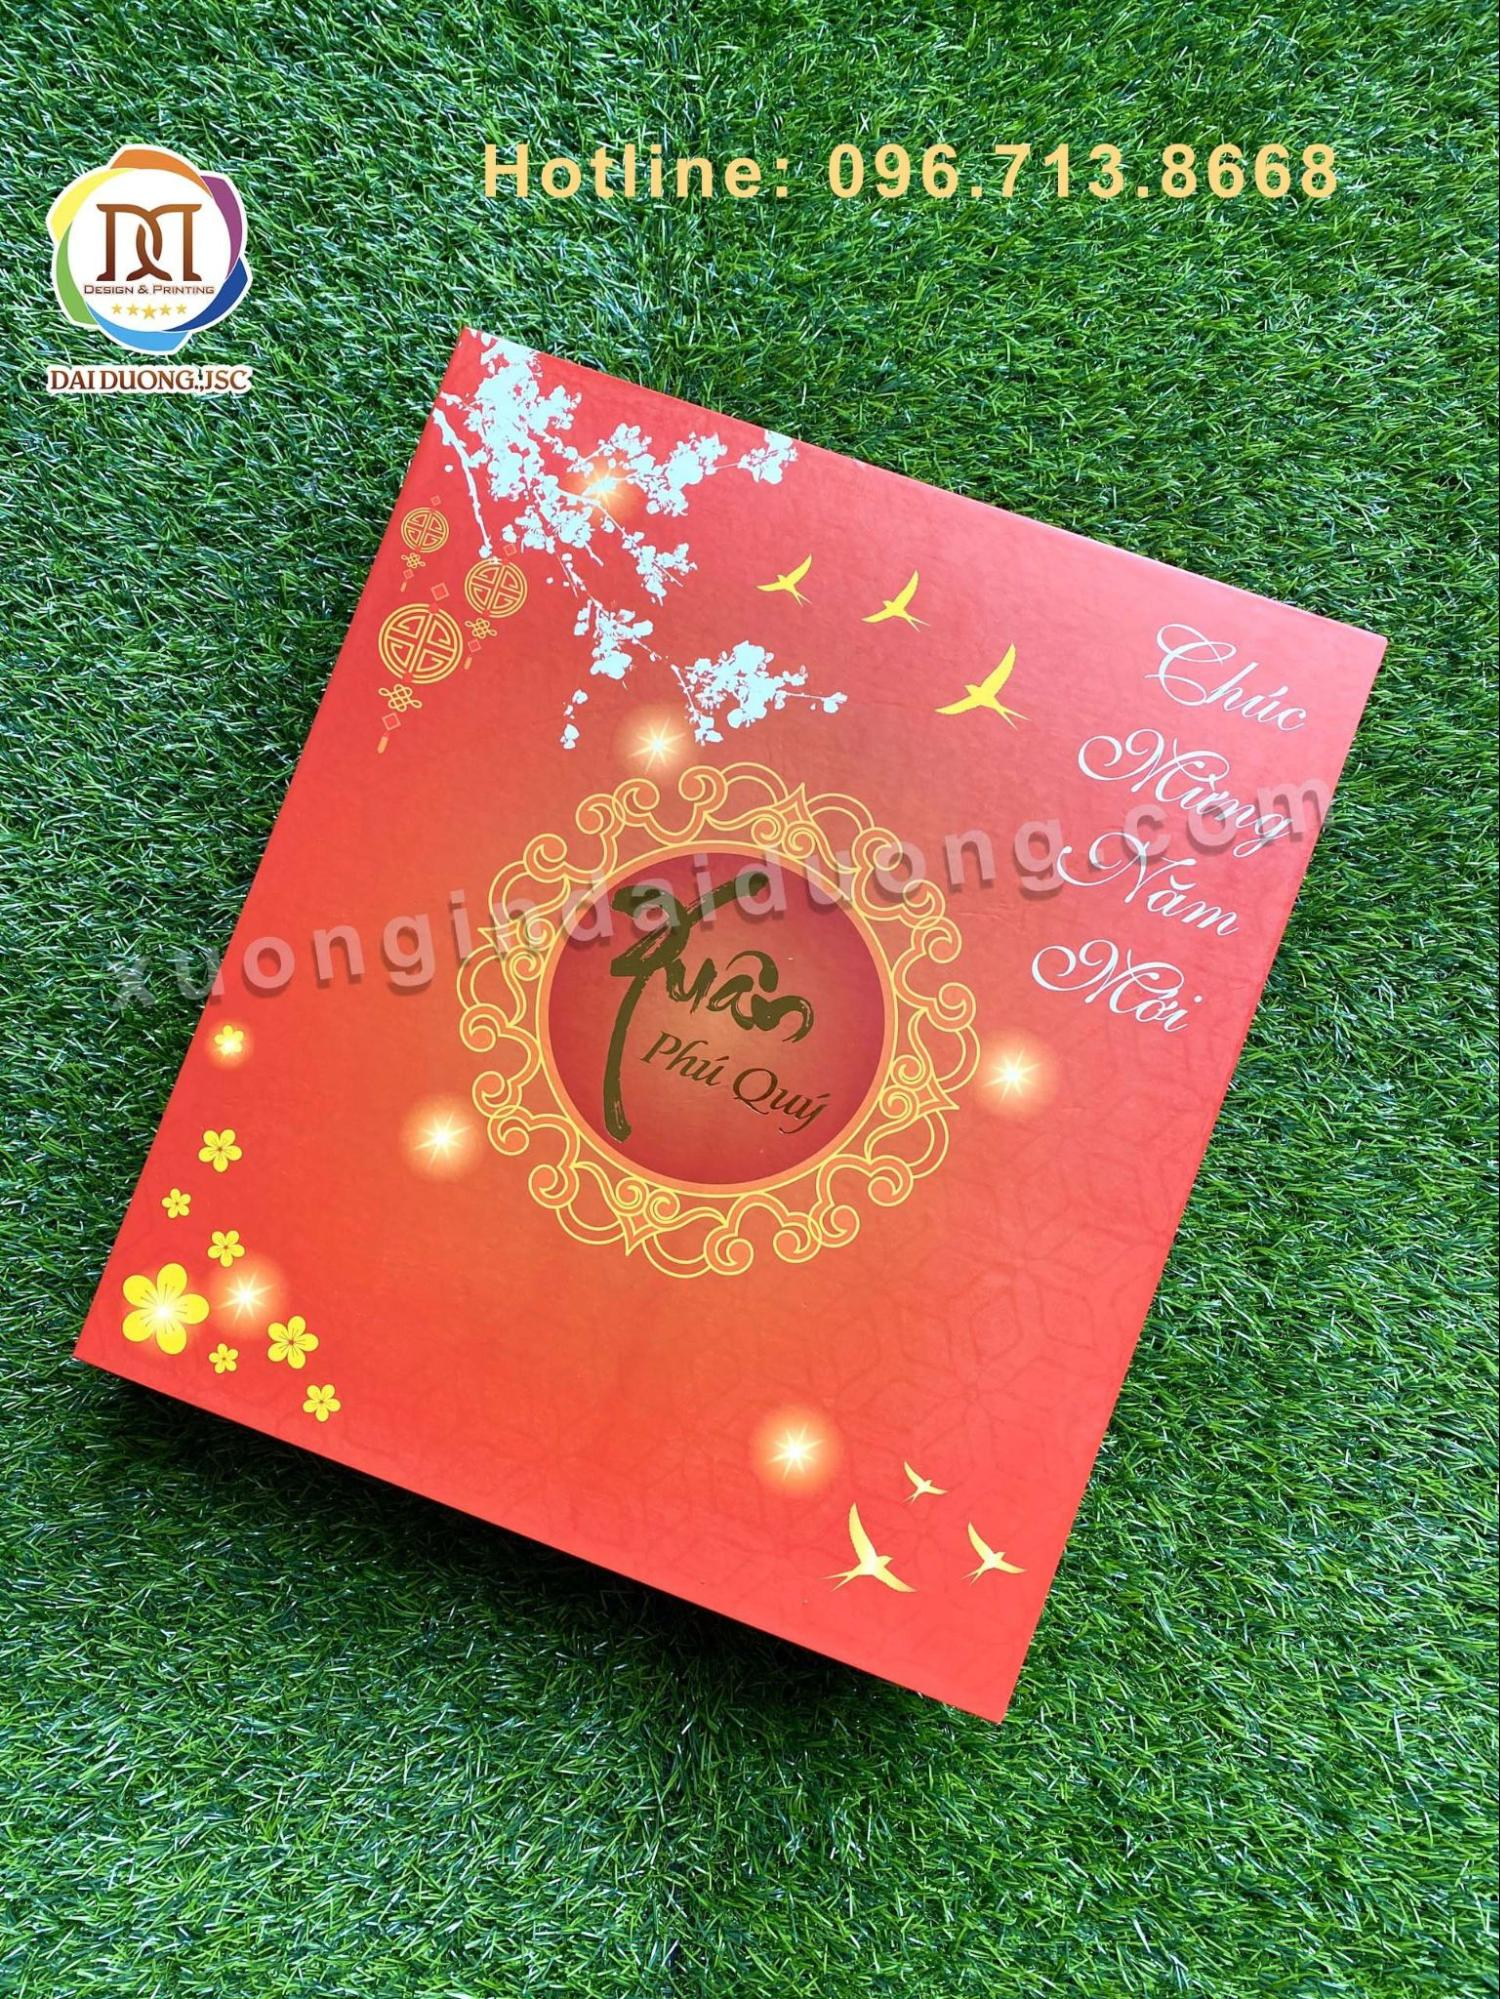 Vỏ hộp quà Tết chứa đựng những thông điệp của người tặng